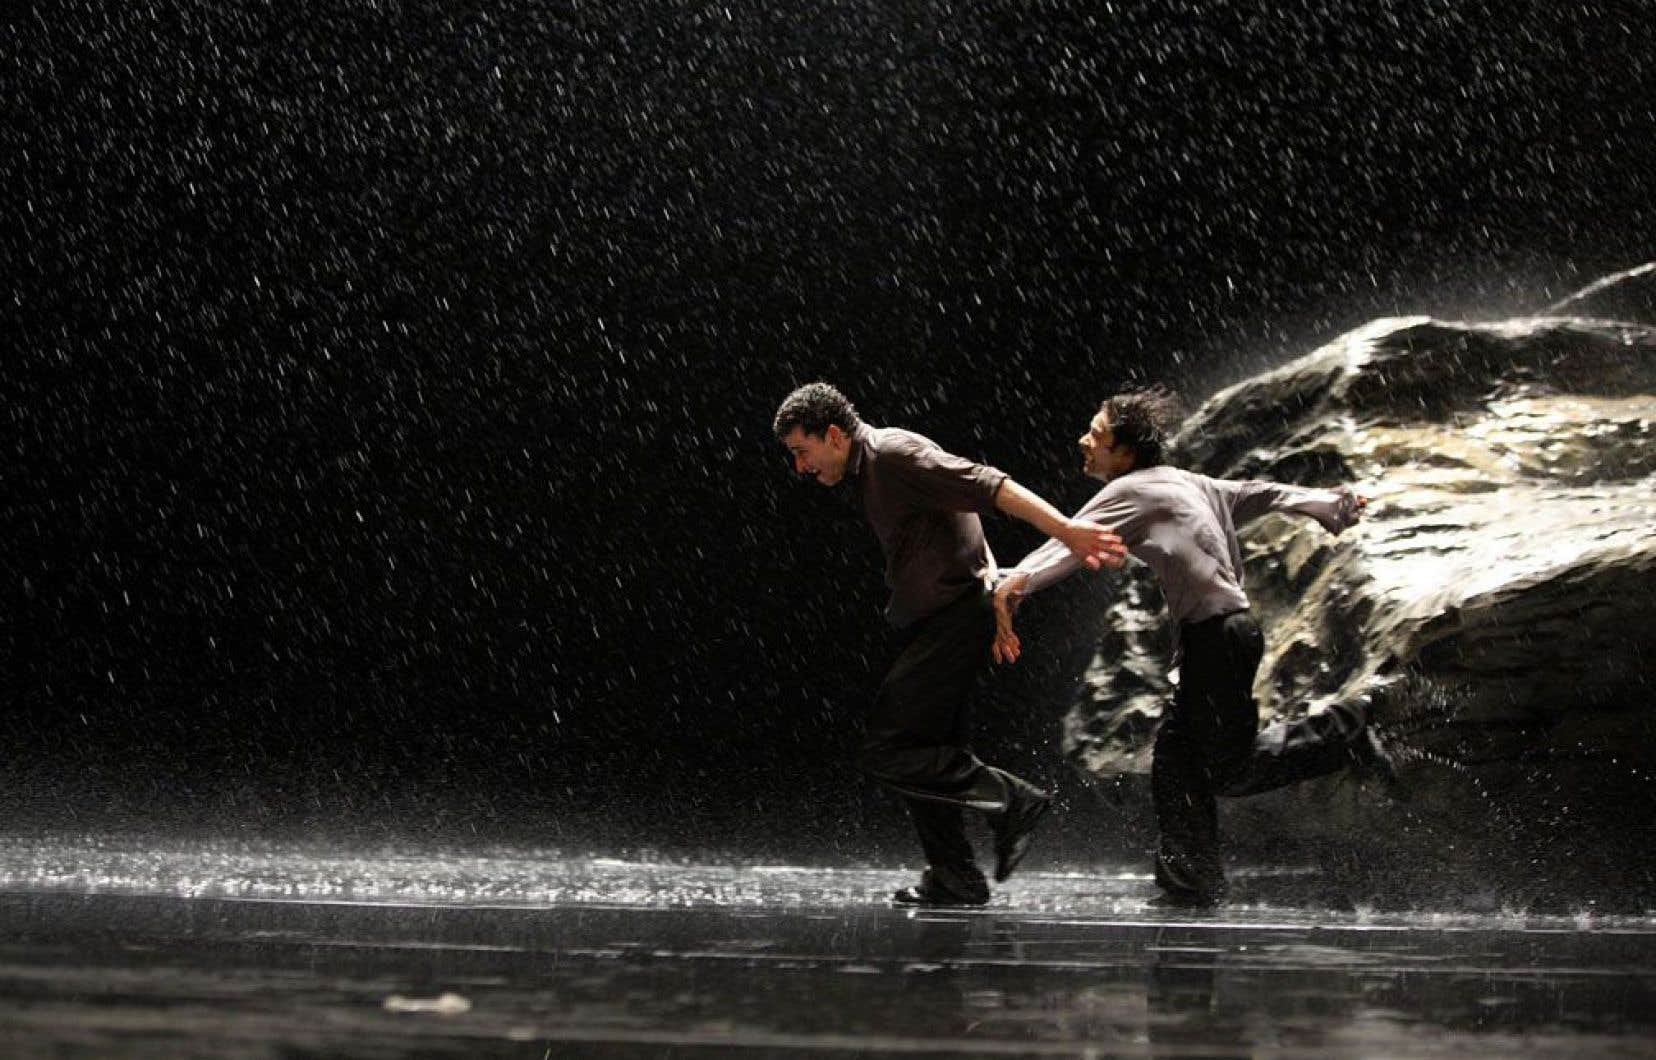 Notamment par l'omniprésence de l'eau, Vollmond propose un visuel puissant. Les images fortes ont contribué à la réputation de la troupe.